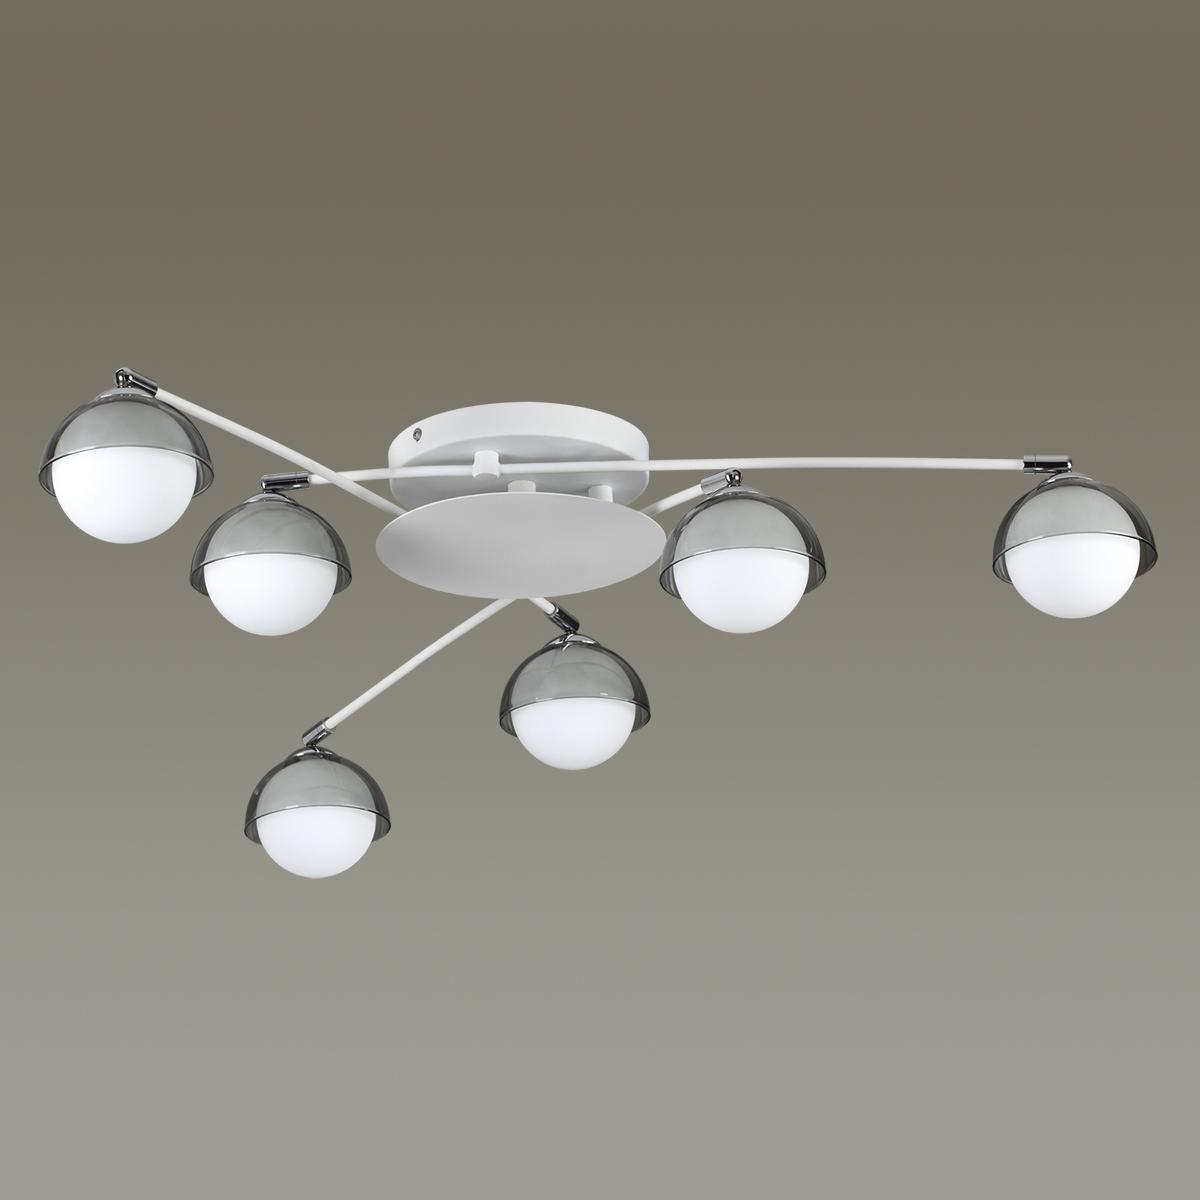 Потолочная люстра с регулировкой направления света Lumion Dondoo 3597/6C, 6xG9x40W, белый, хром, дымчатый, металл, стекло - фото 4